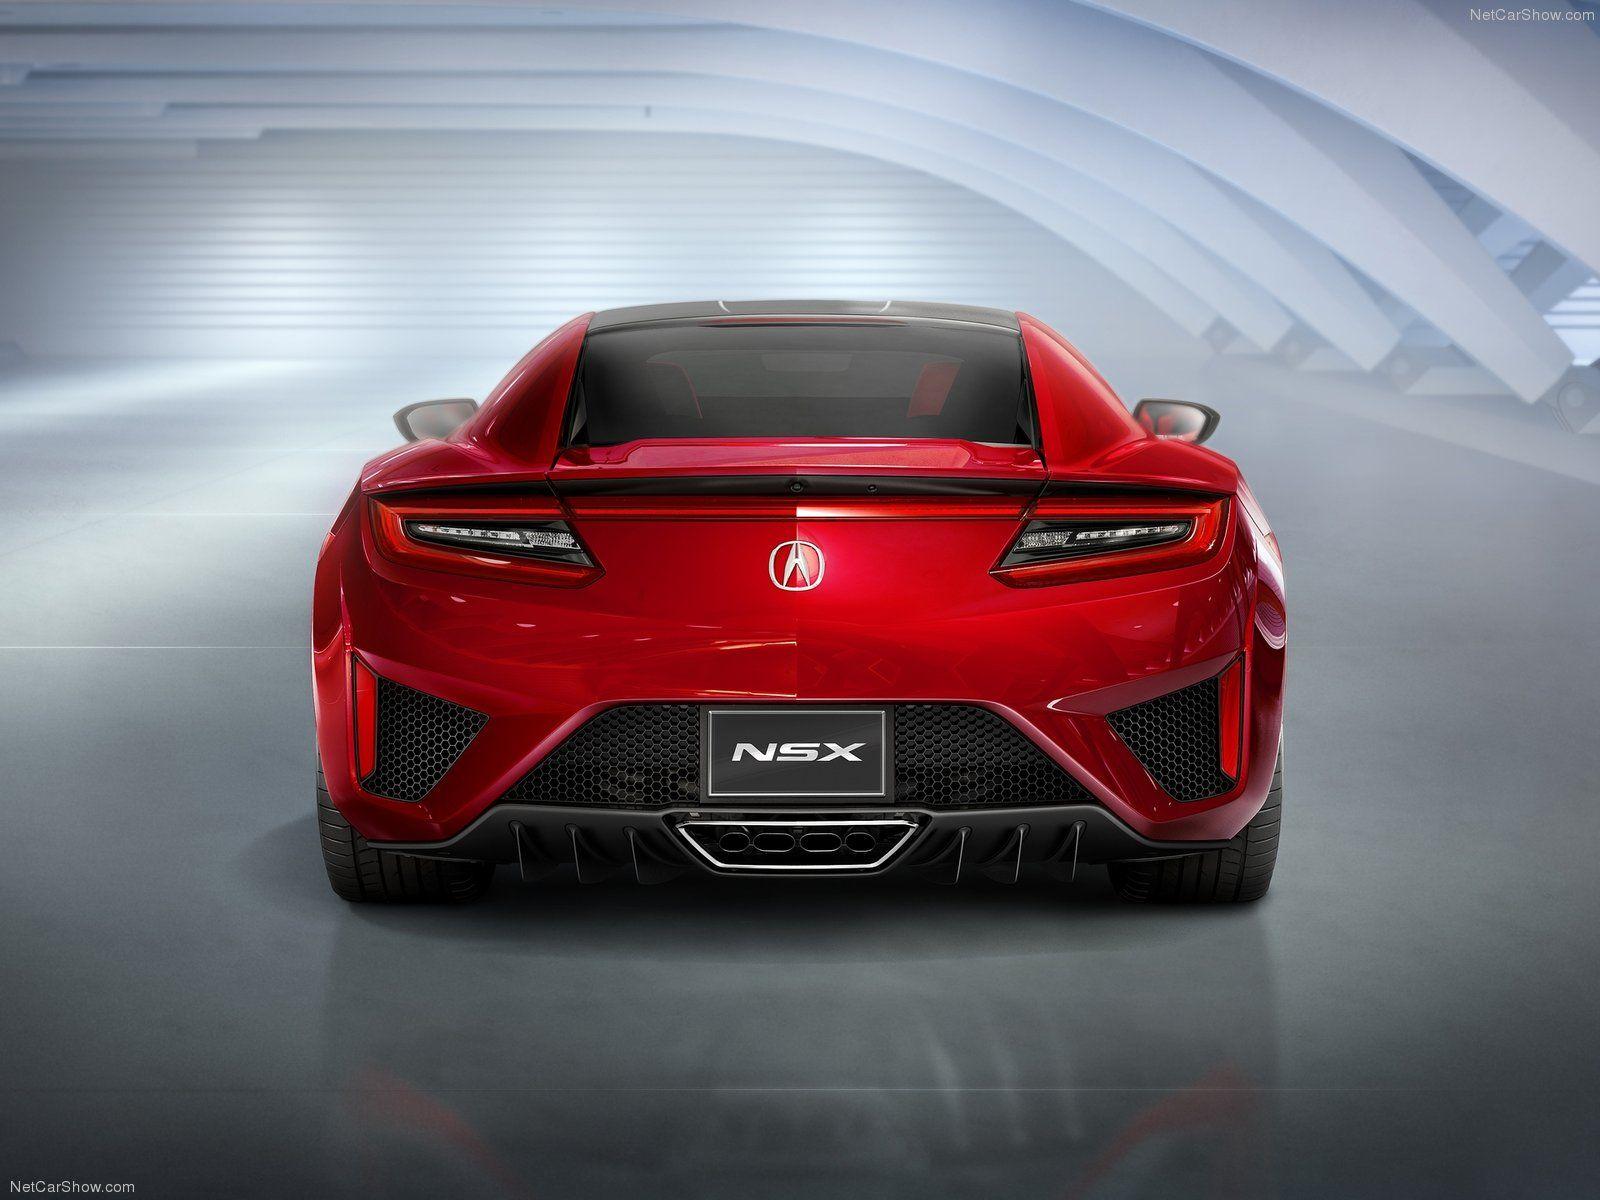 2016 Acura NSX Nsx, Acura nsx, Acura